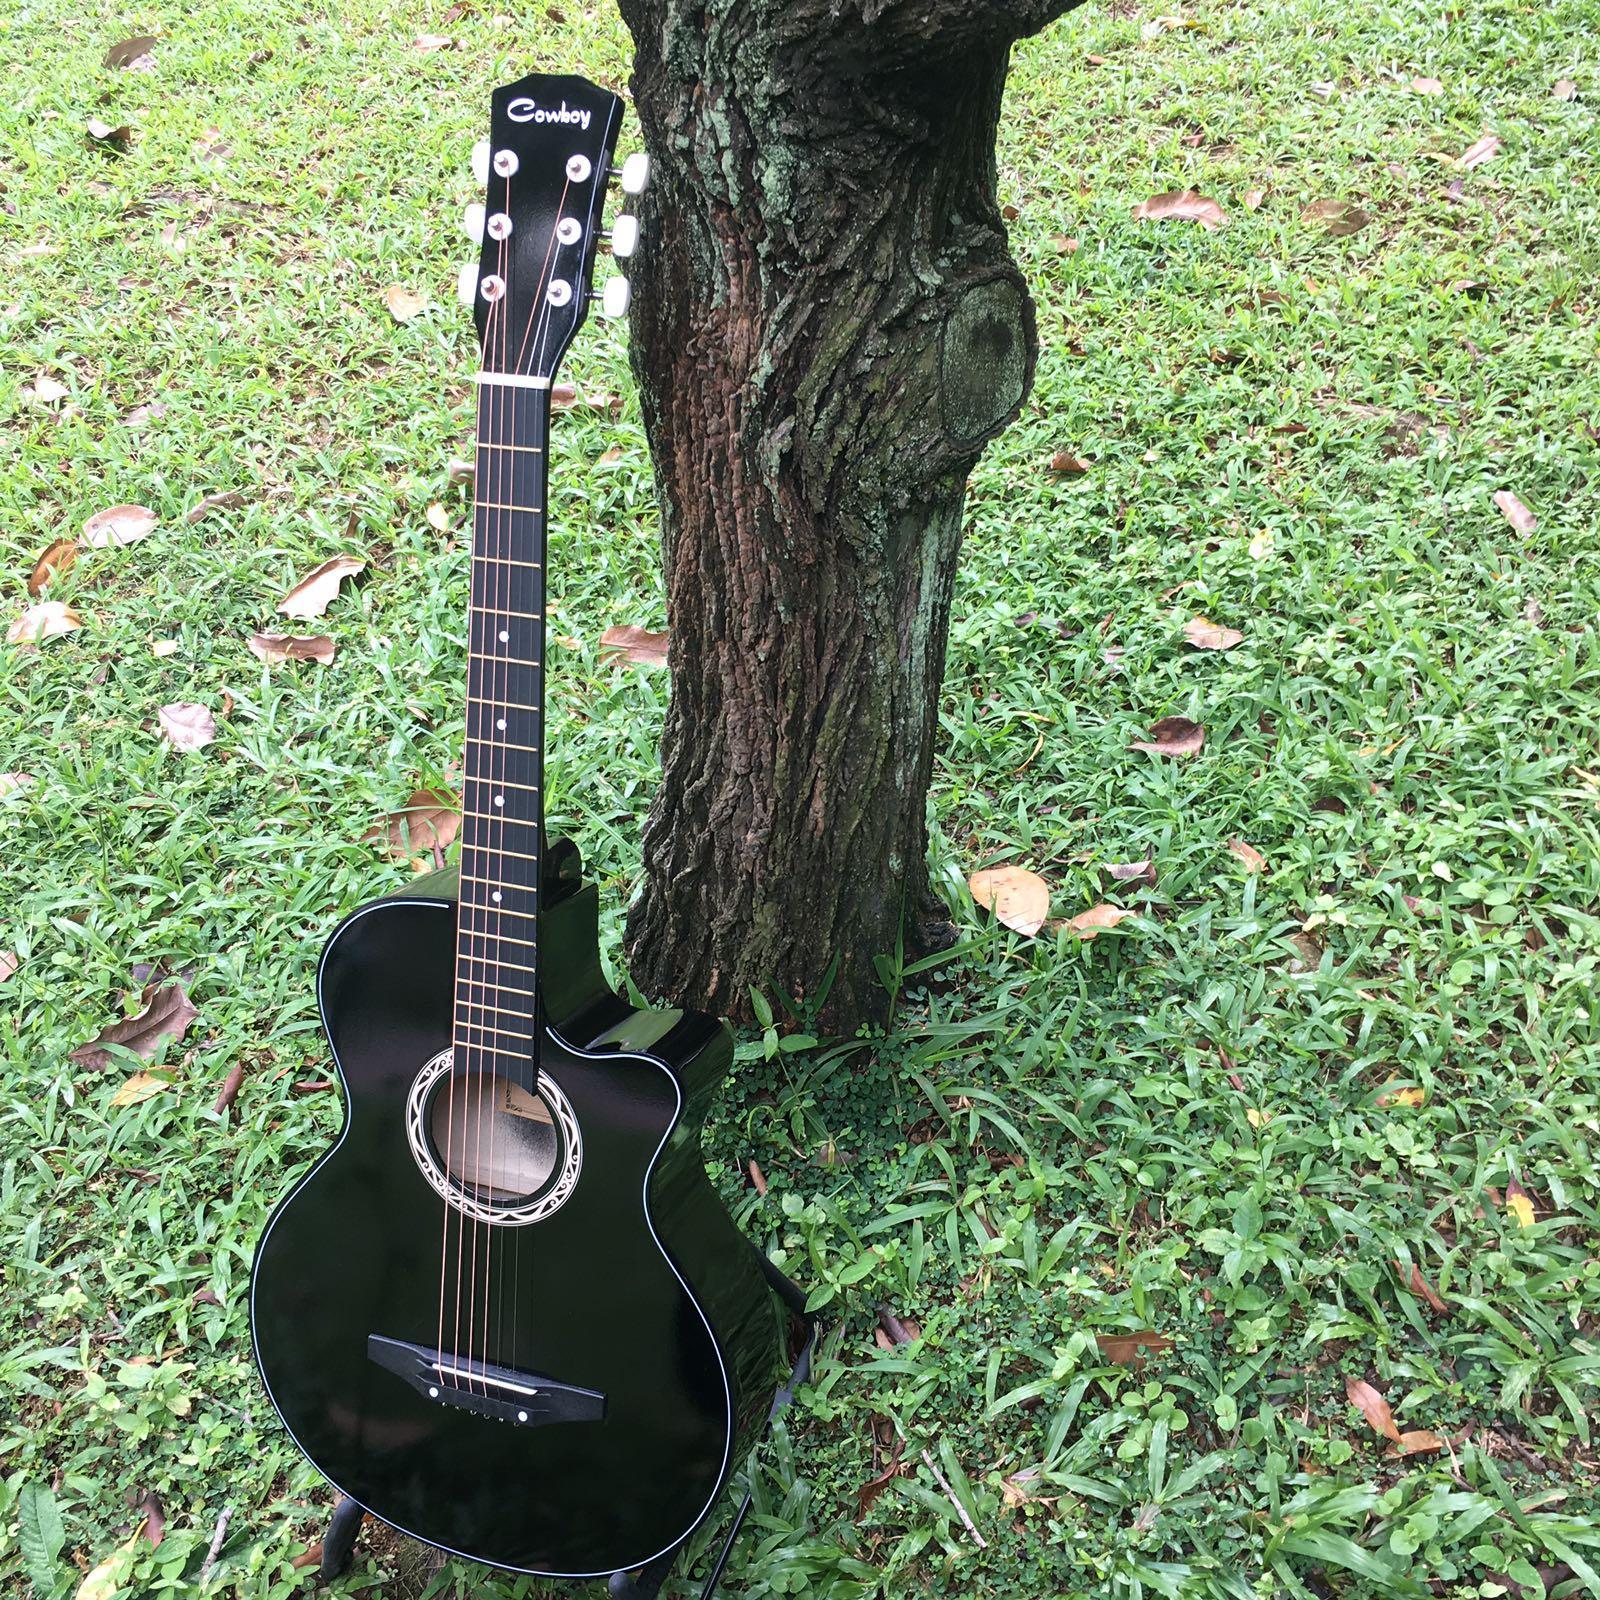 38 Acoustic Guitar Black Colour Singapore